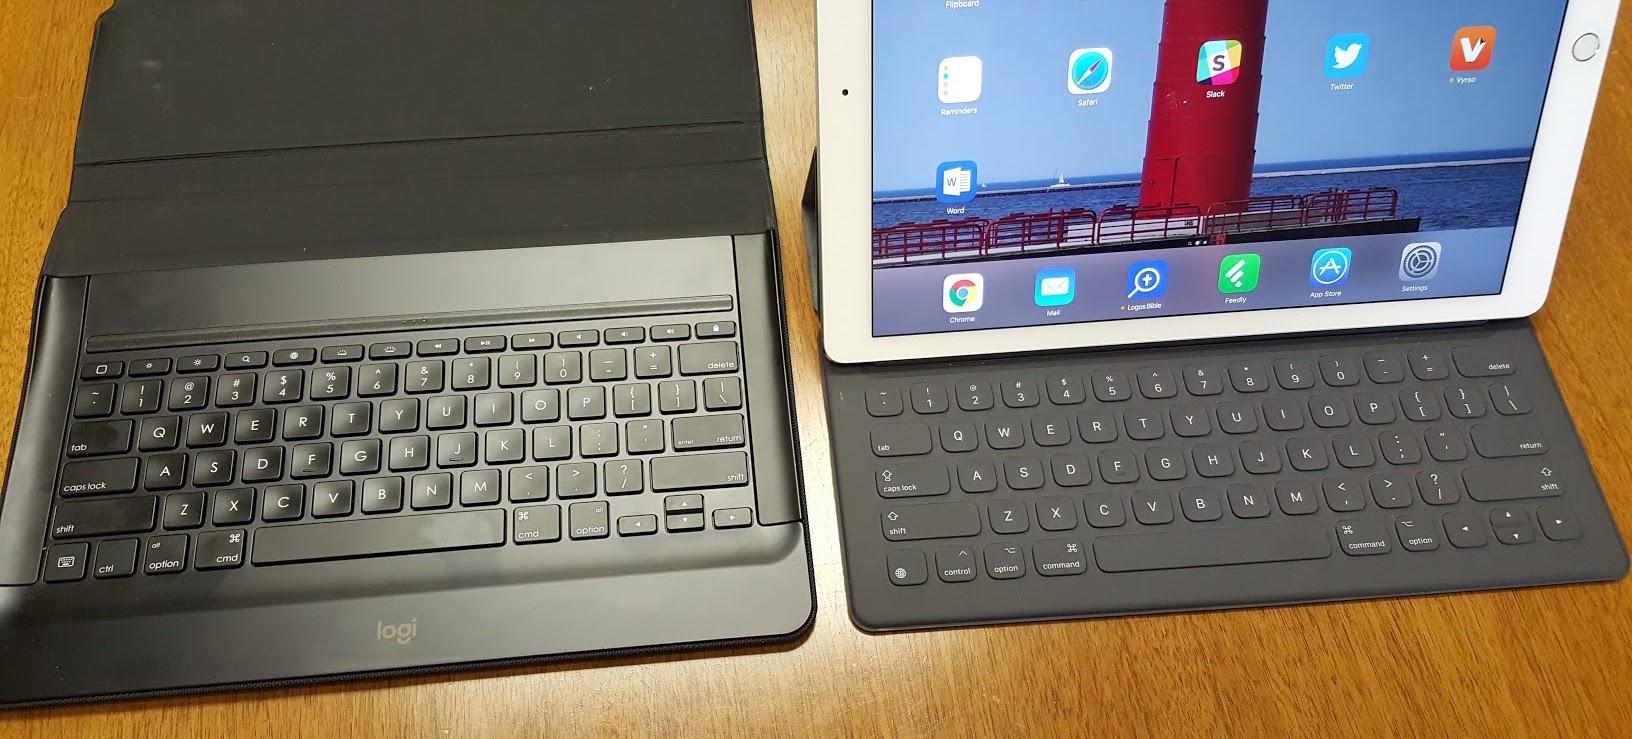 Best iPad Pro Keyboard: Apple Smart Cover v  Logitech Create